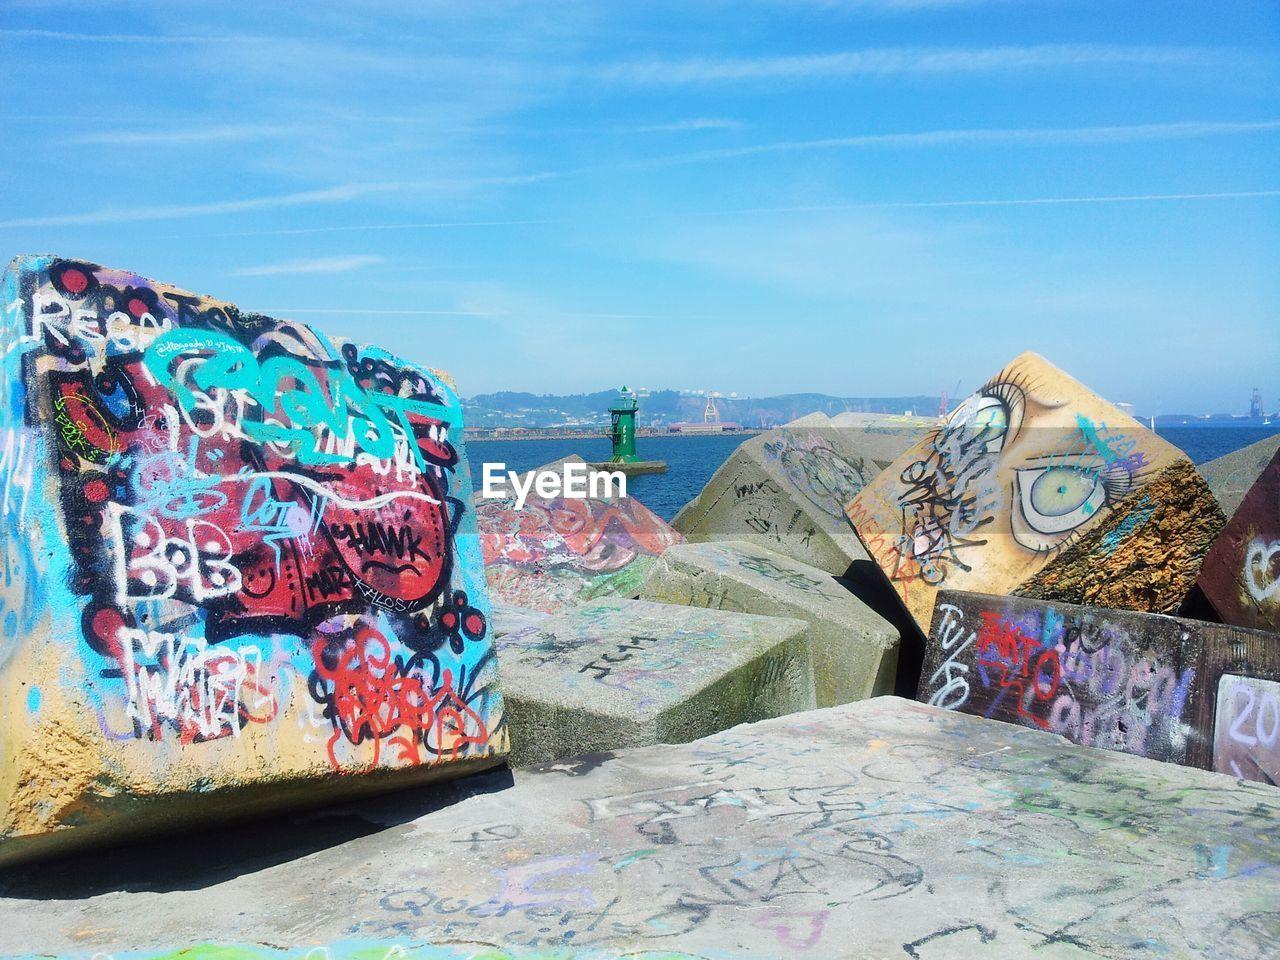 Graffiti on groyne rocks against blue sky